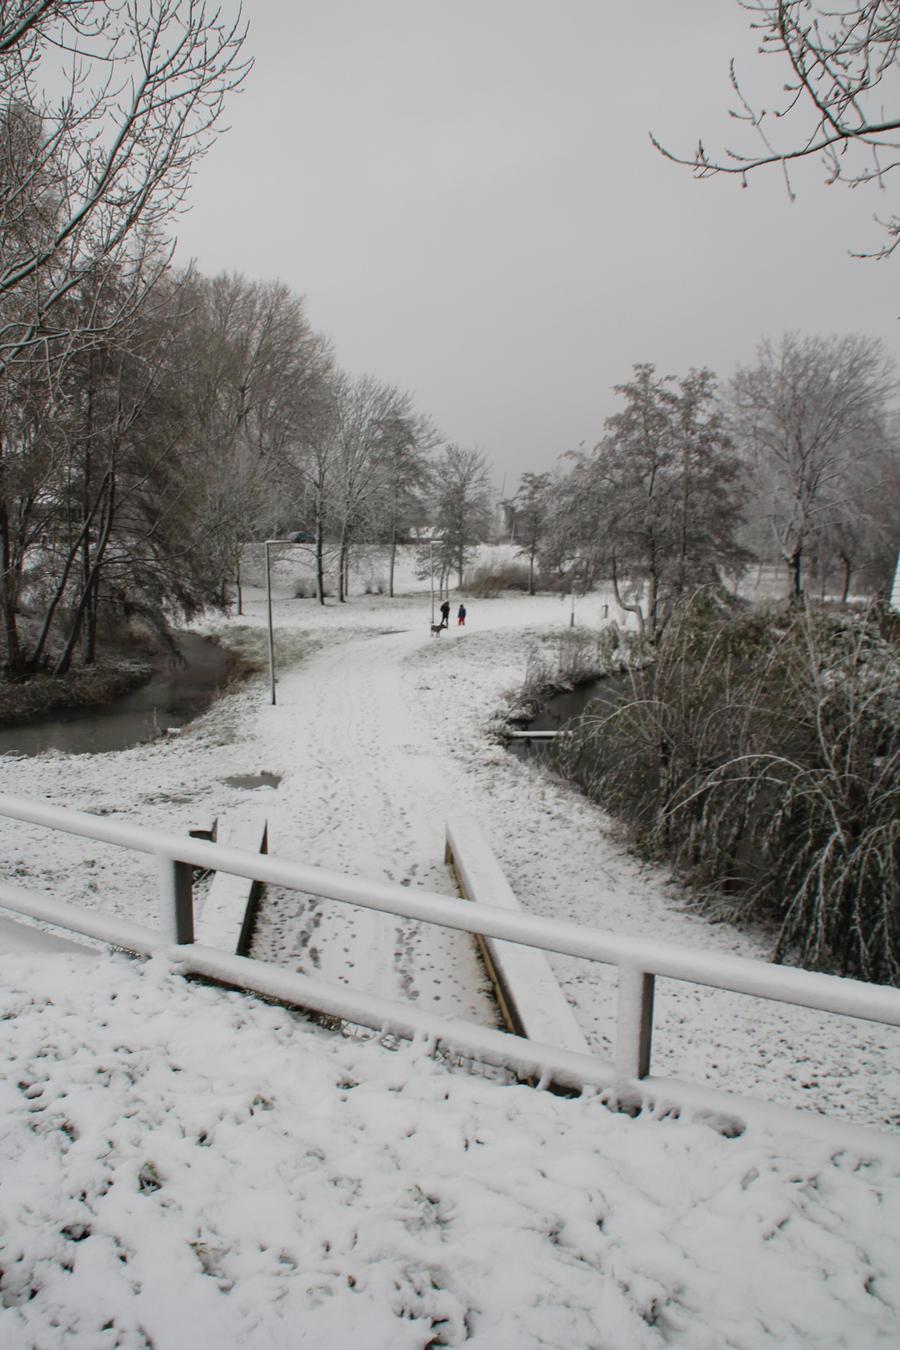 12-12-07 Winter Wonderland 7 by Herdervriend